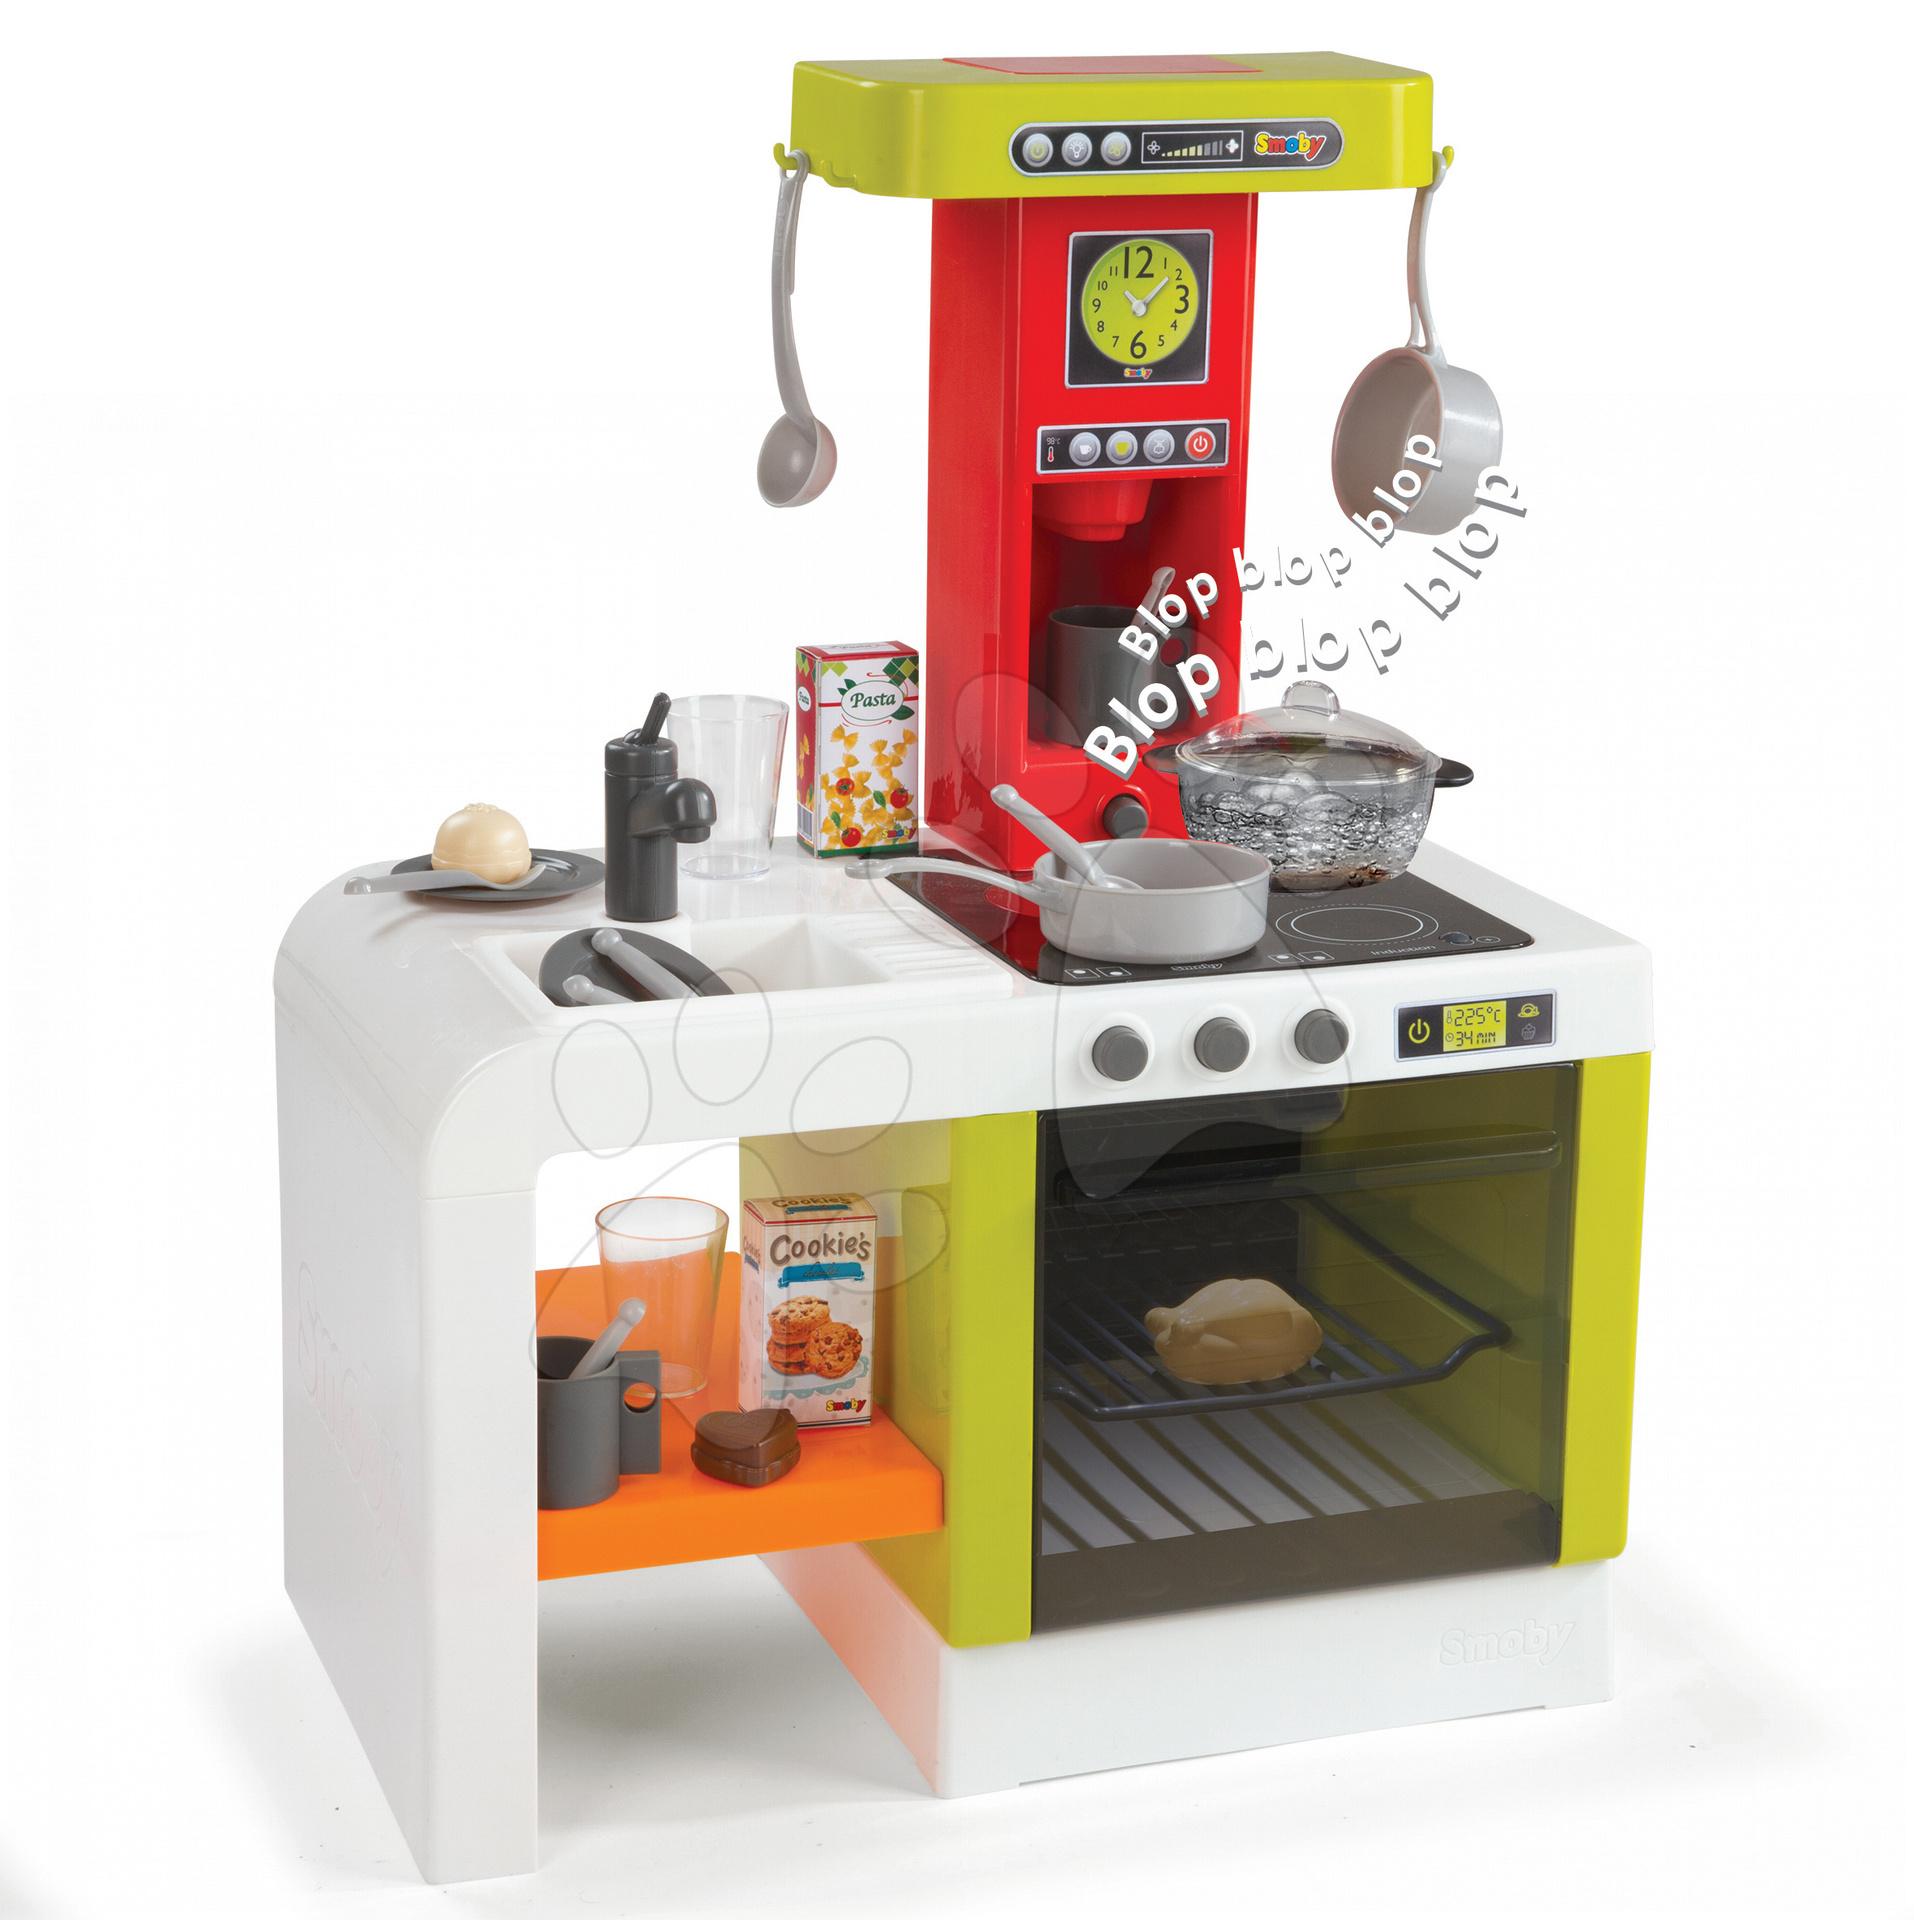 Kuchyňka TEFAL MAGIC BUBBLE Chefronic elektronická Smoby zelená s magickým bubláním se světlem a zvuky, 21 doplňků